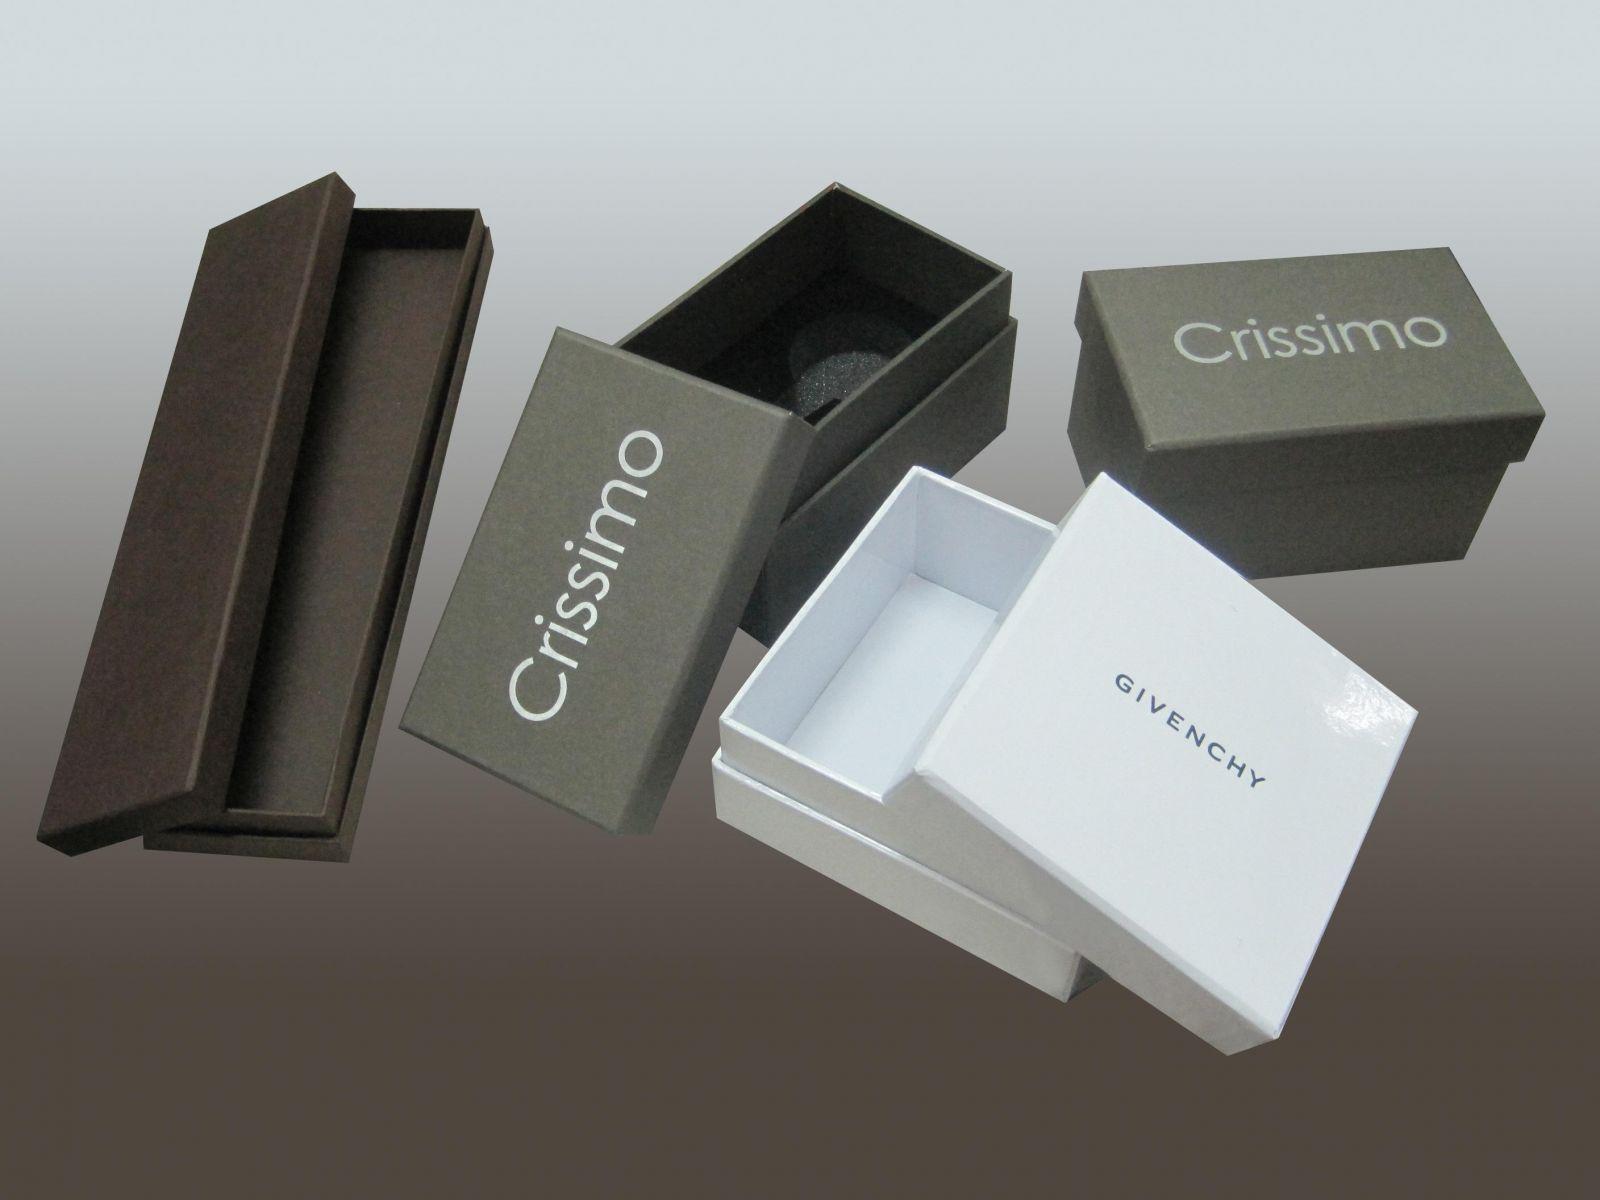 Các mẫu hộp cao cấp giúp làm tăng giá trị thương hiệu